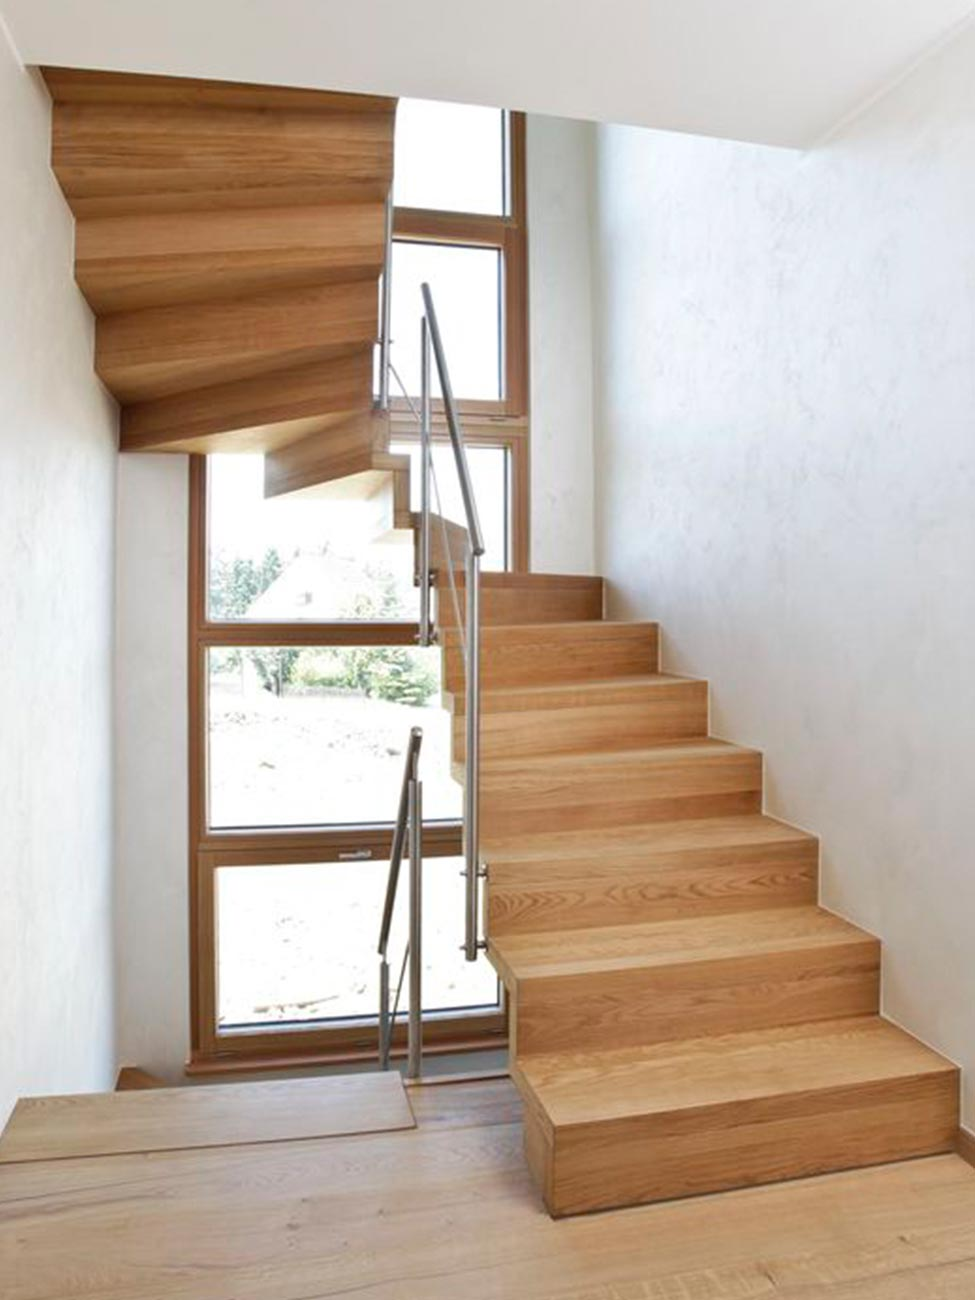 Beeindruckend Schwebende Treppe Referenz Von Schwebend Und Dennoch Feste Verankert – Unsichtbare